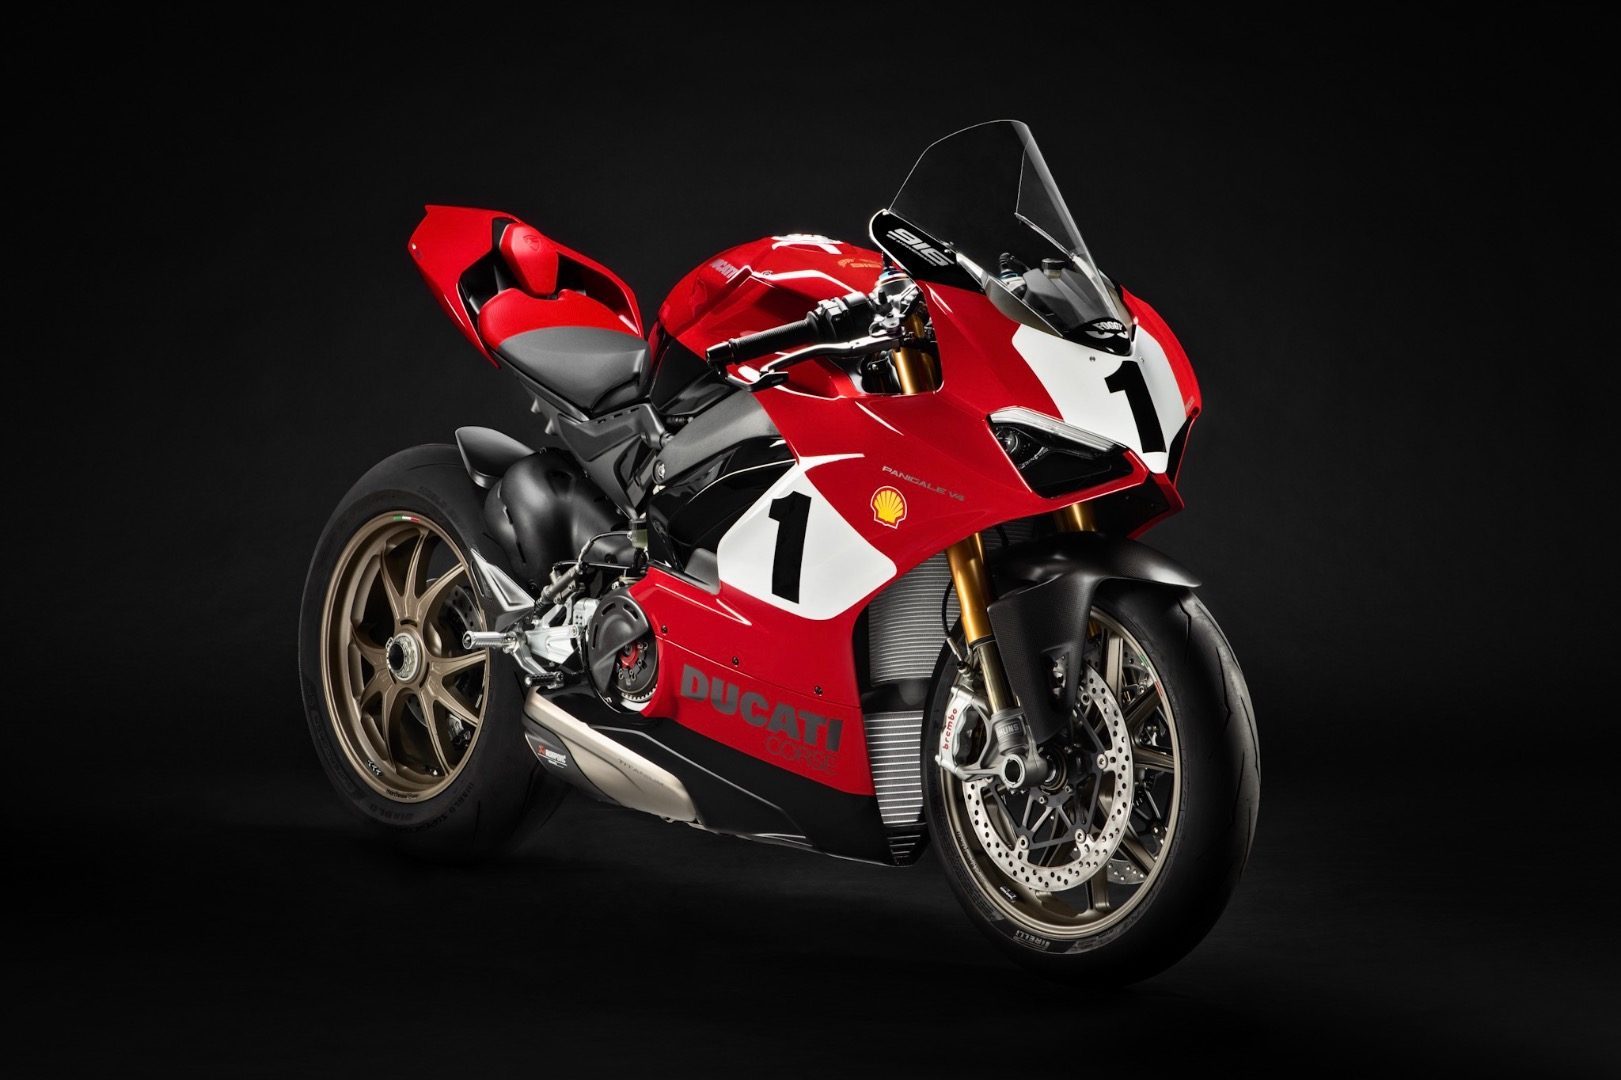 Ducati Panigale V4 25º Anniversario 916